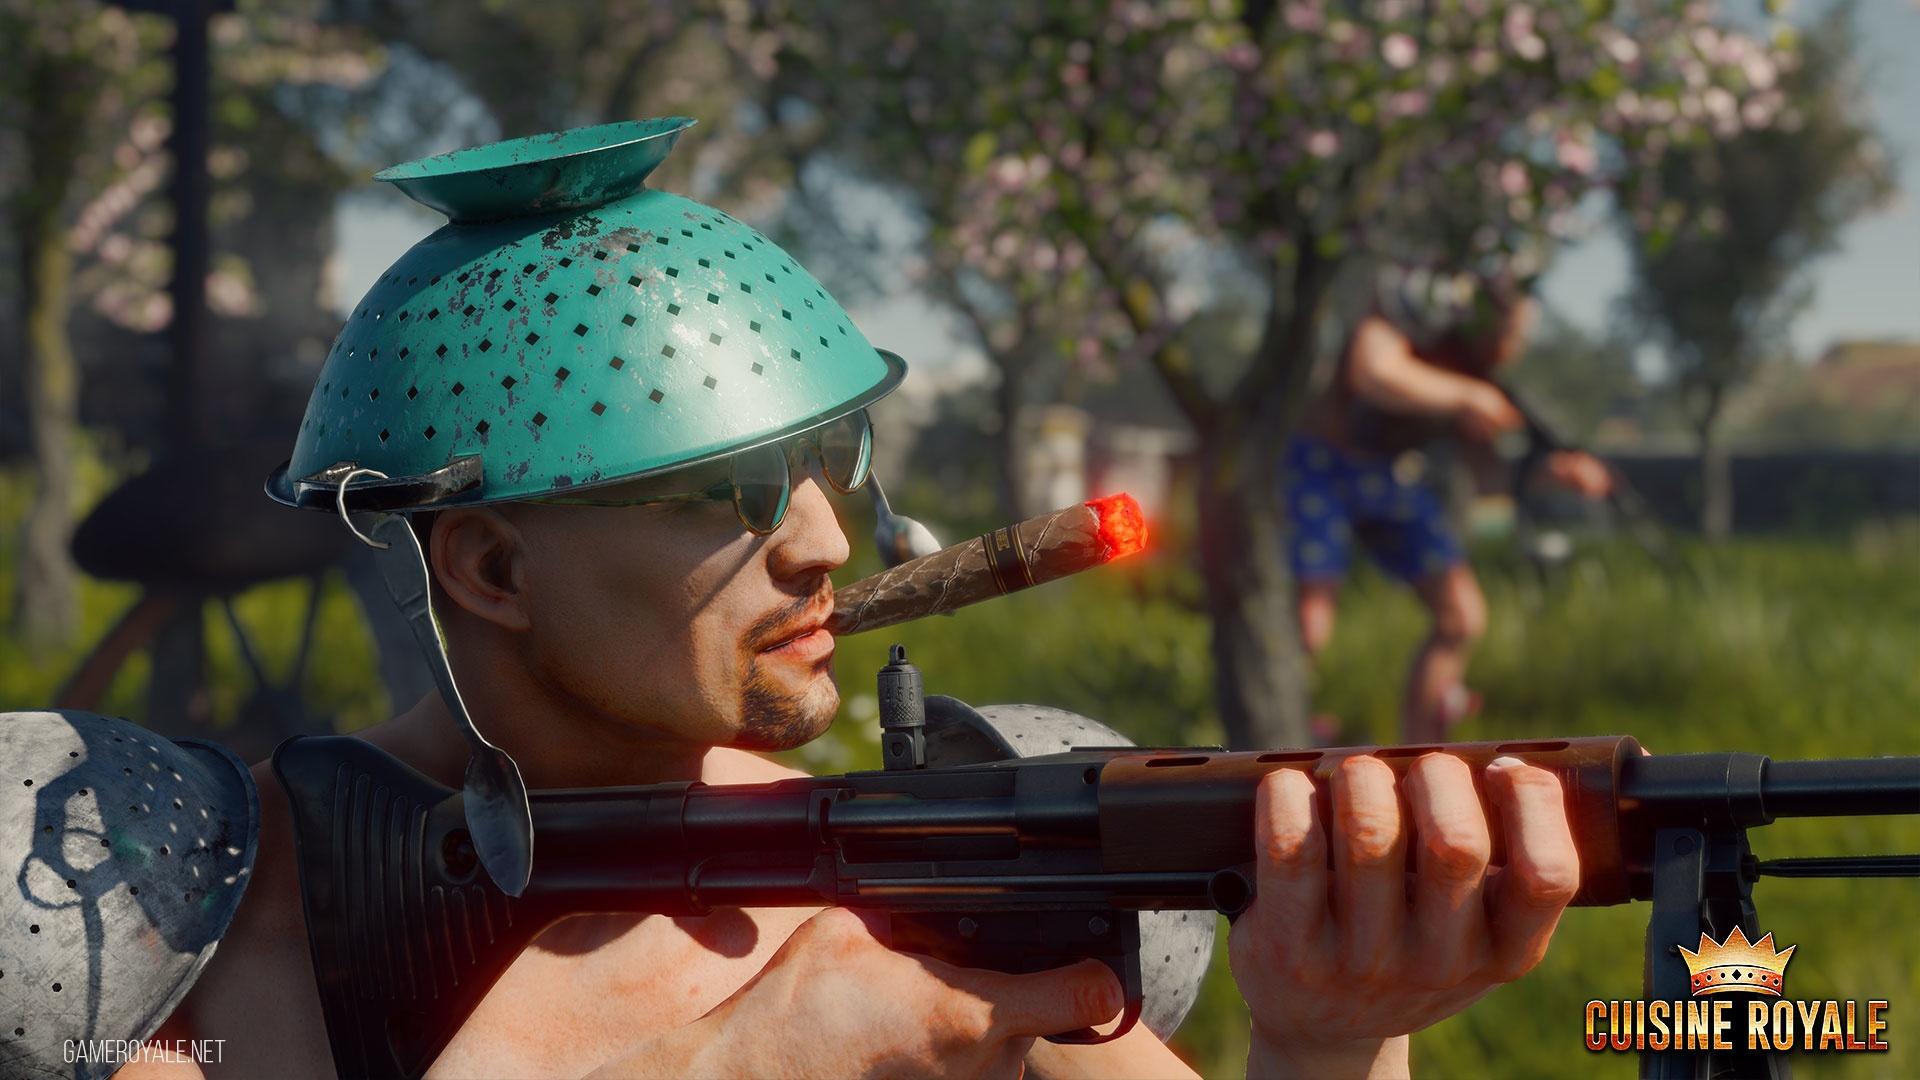 Cuisine Royale - Absurder Battle-Royale-Spaß bis zum 25. Juni kostenlos